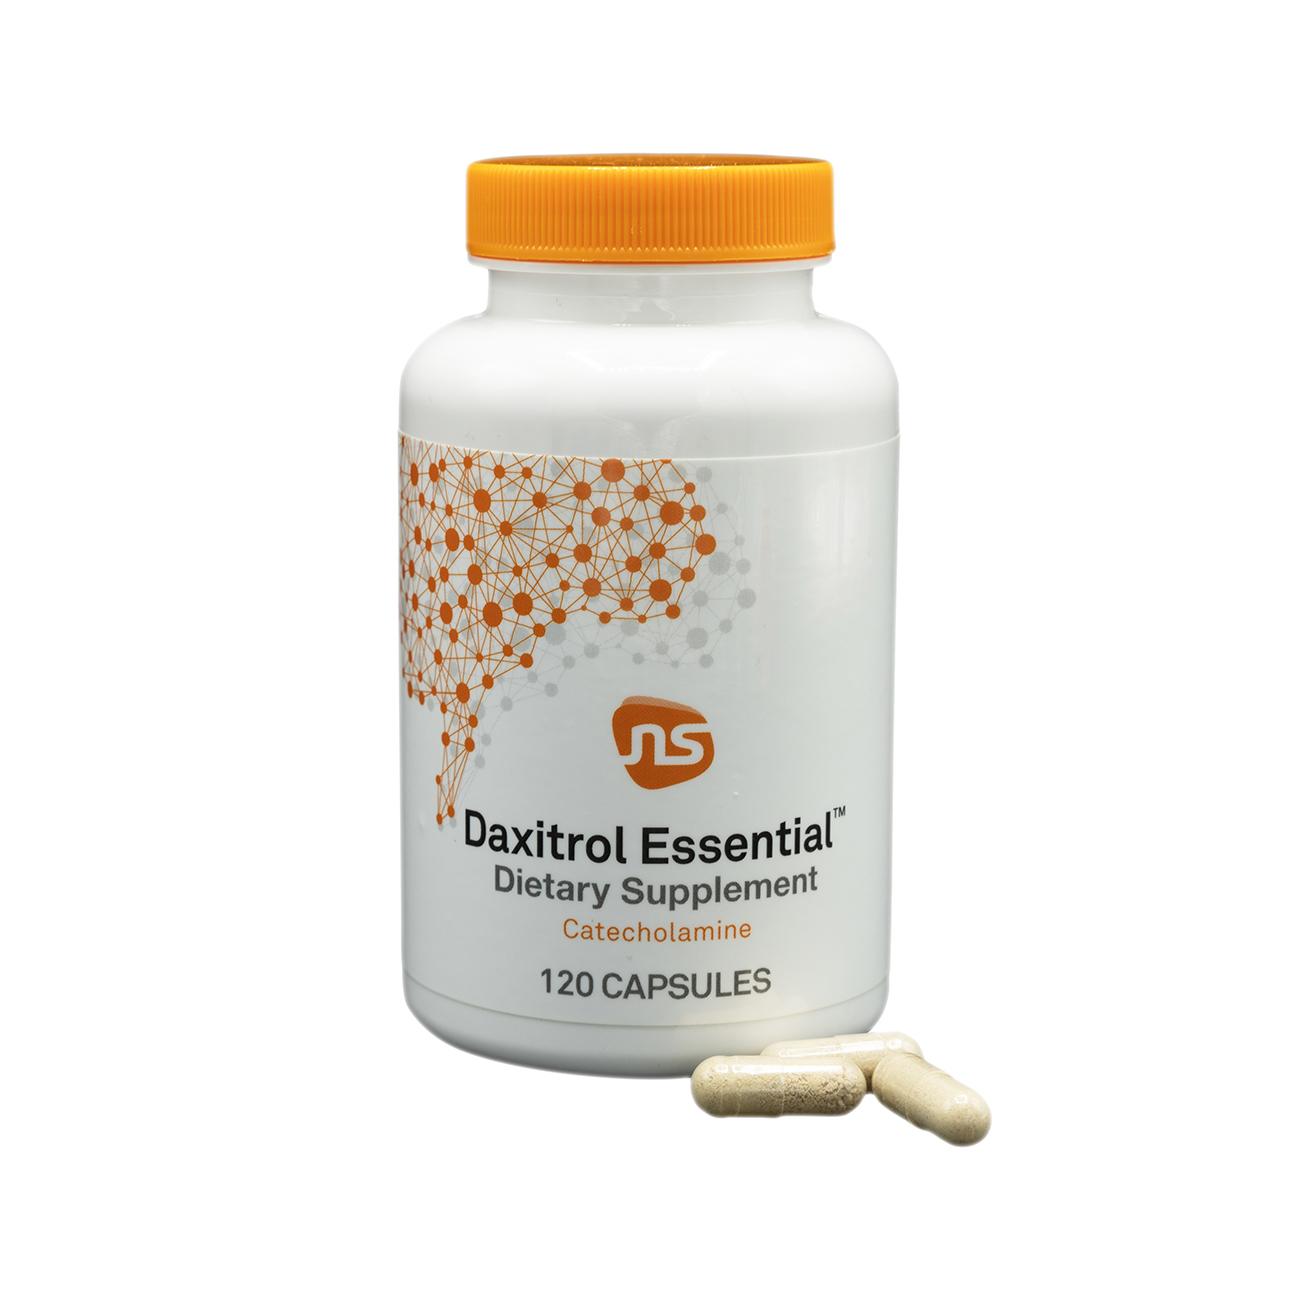 Daxitrol Essential 120